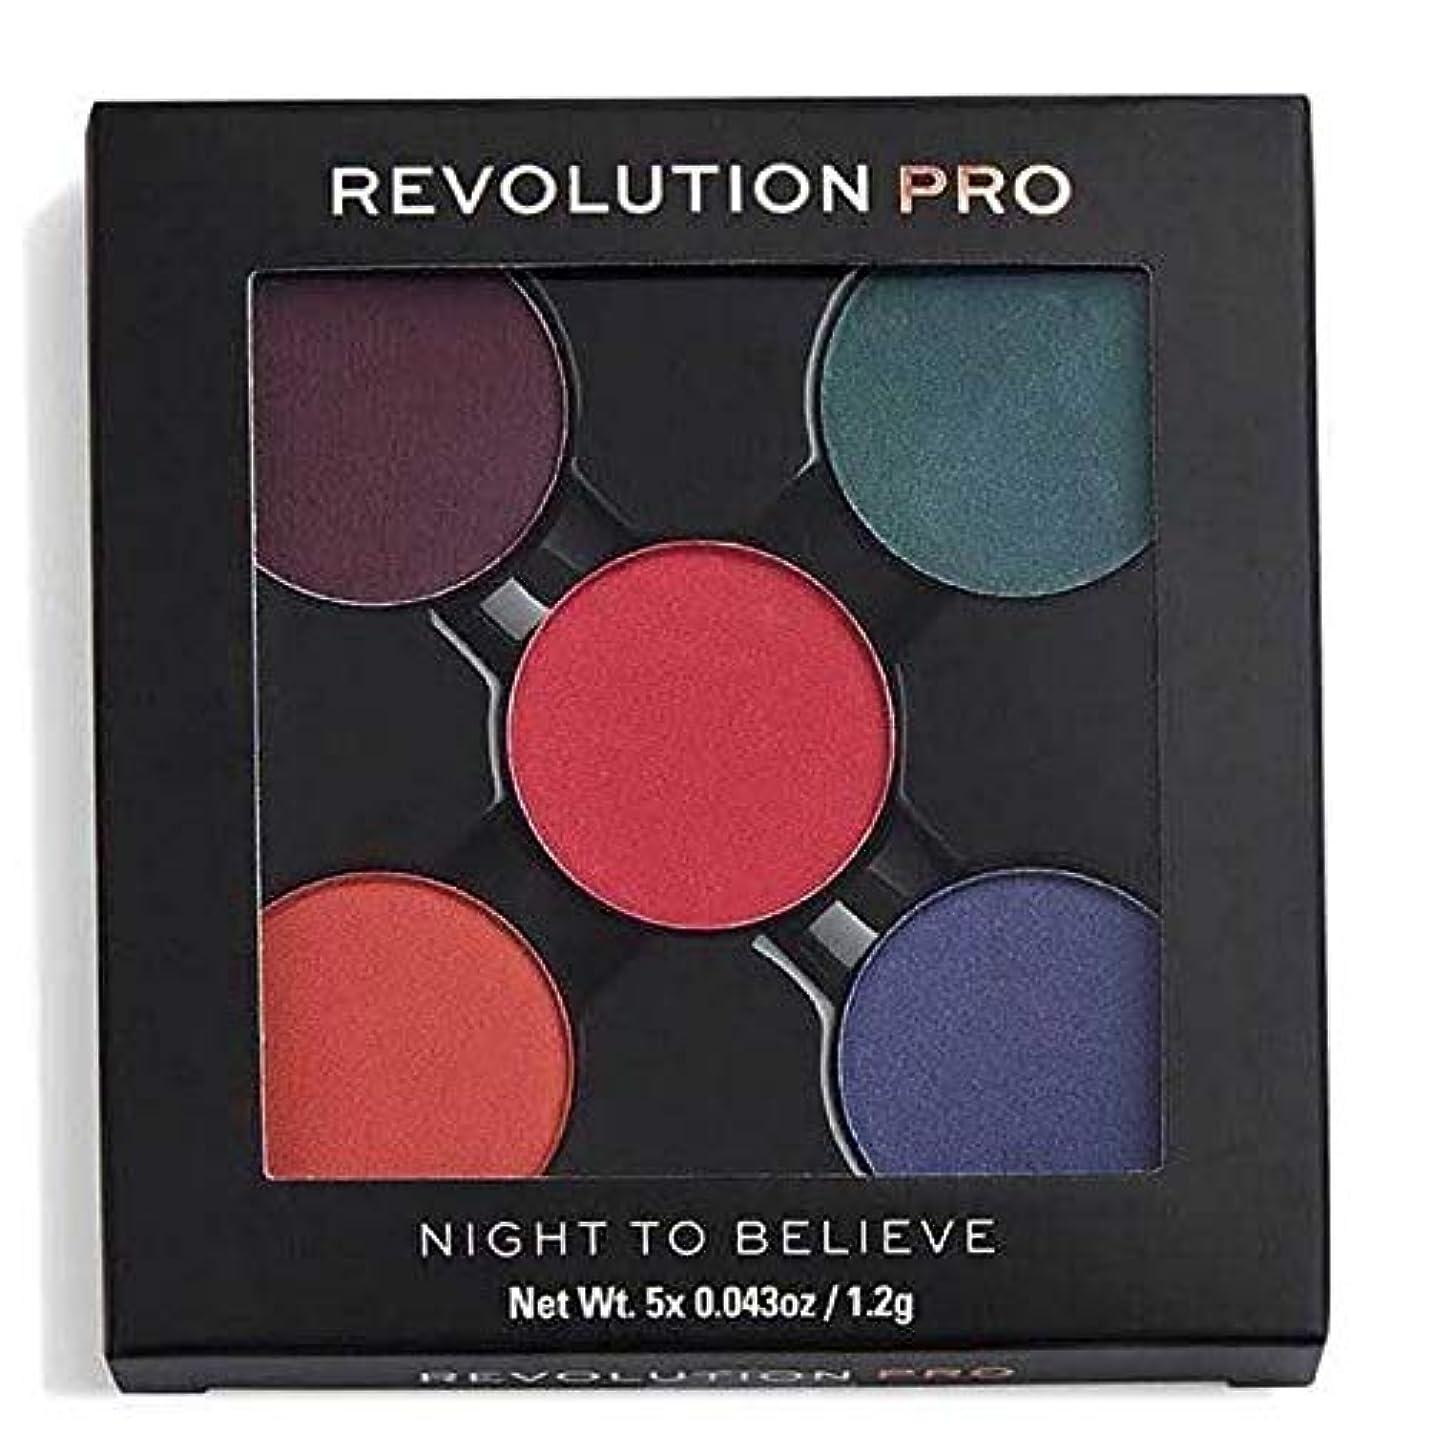 接触半島達成可能[Revolution ] 信じる革命プロリフィルアイシャドウパック夜 - Revolution Pro Refill Eyeshadow Pack Night To Believe [並行輸入品]